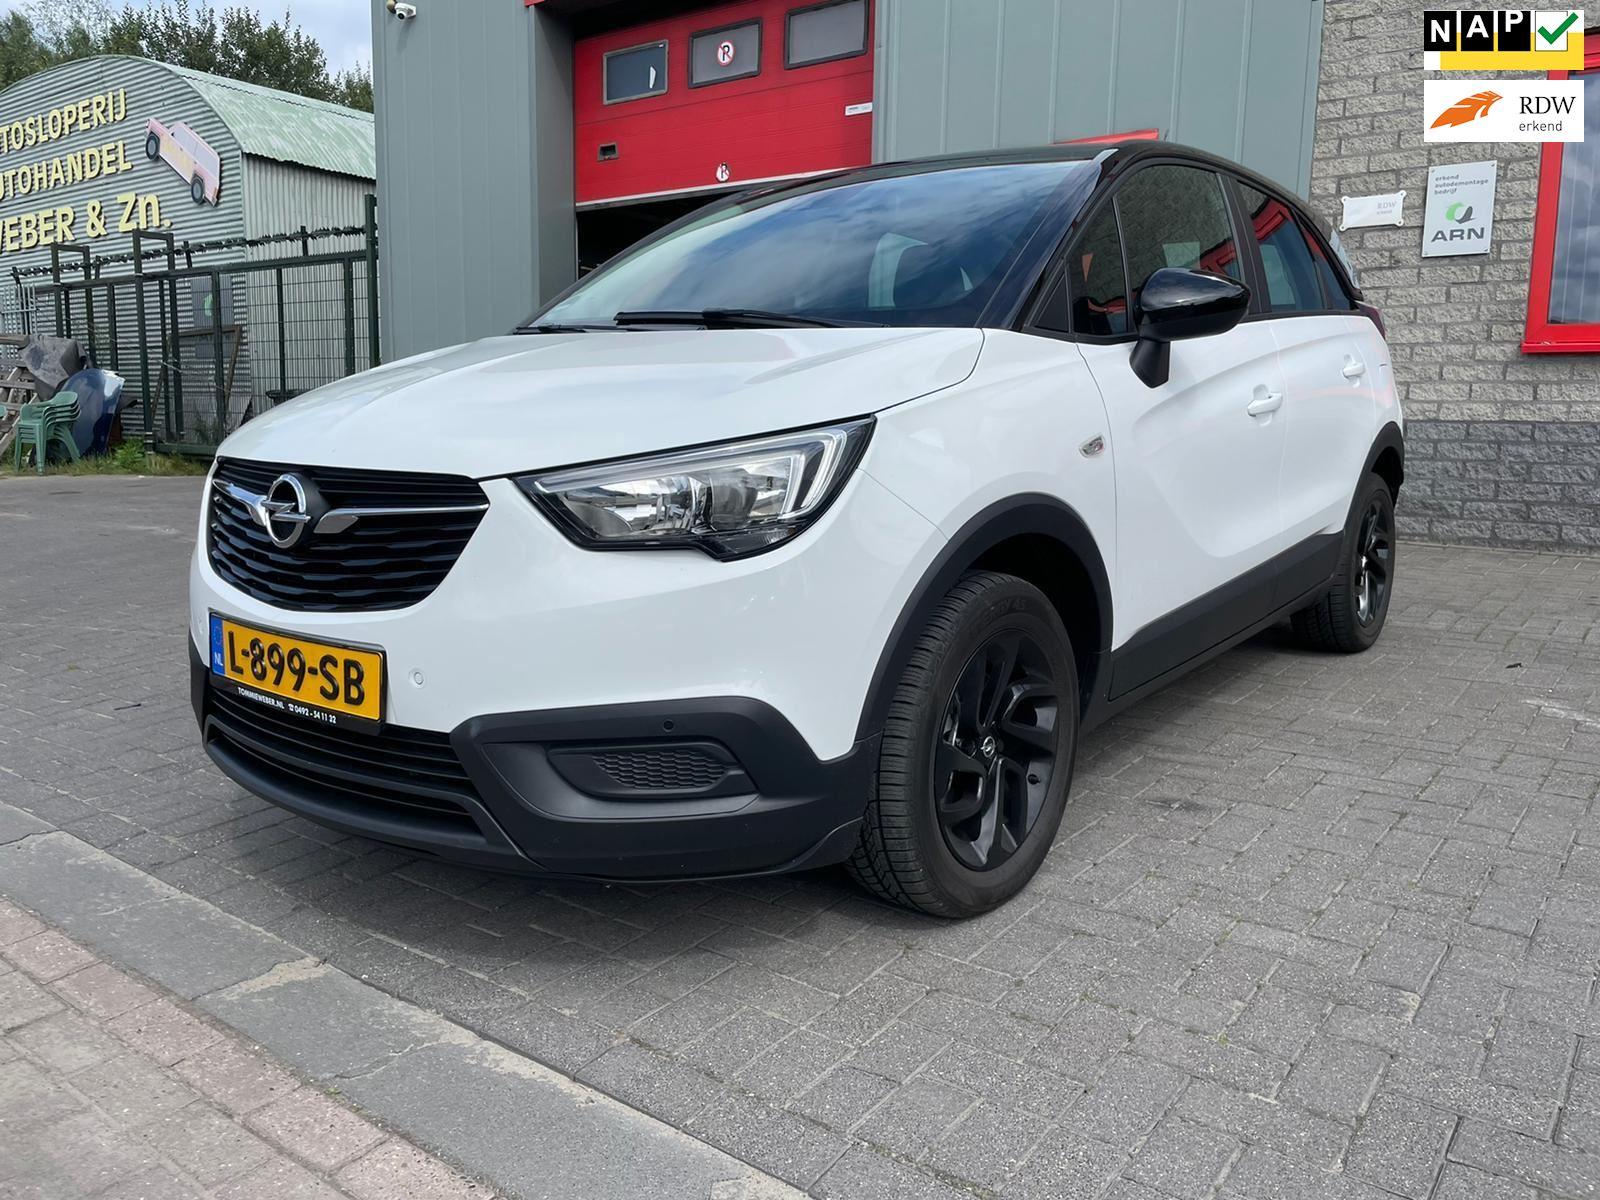 Opel Crossland X occasion - Autobedrijf Tommie Weber & zn.